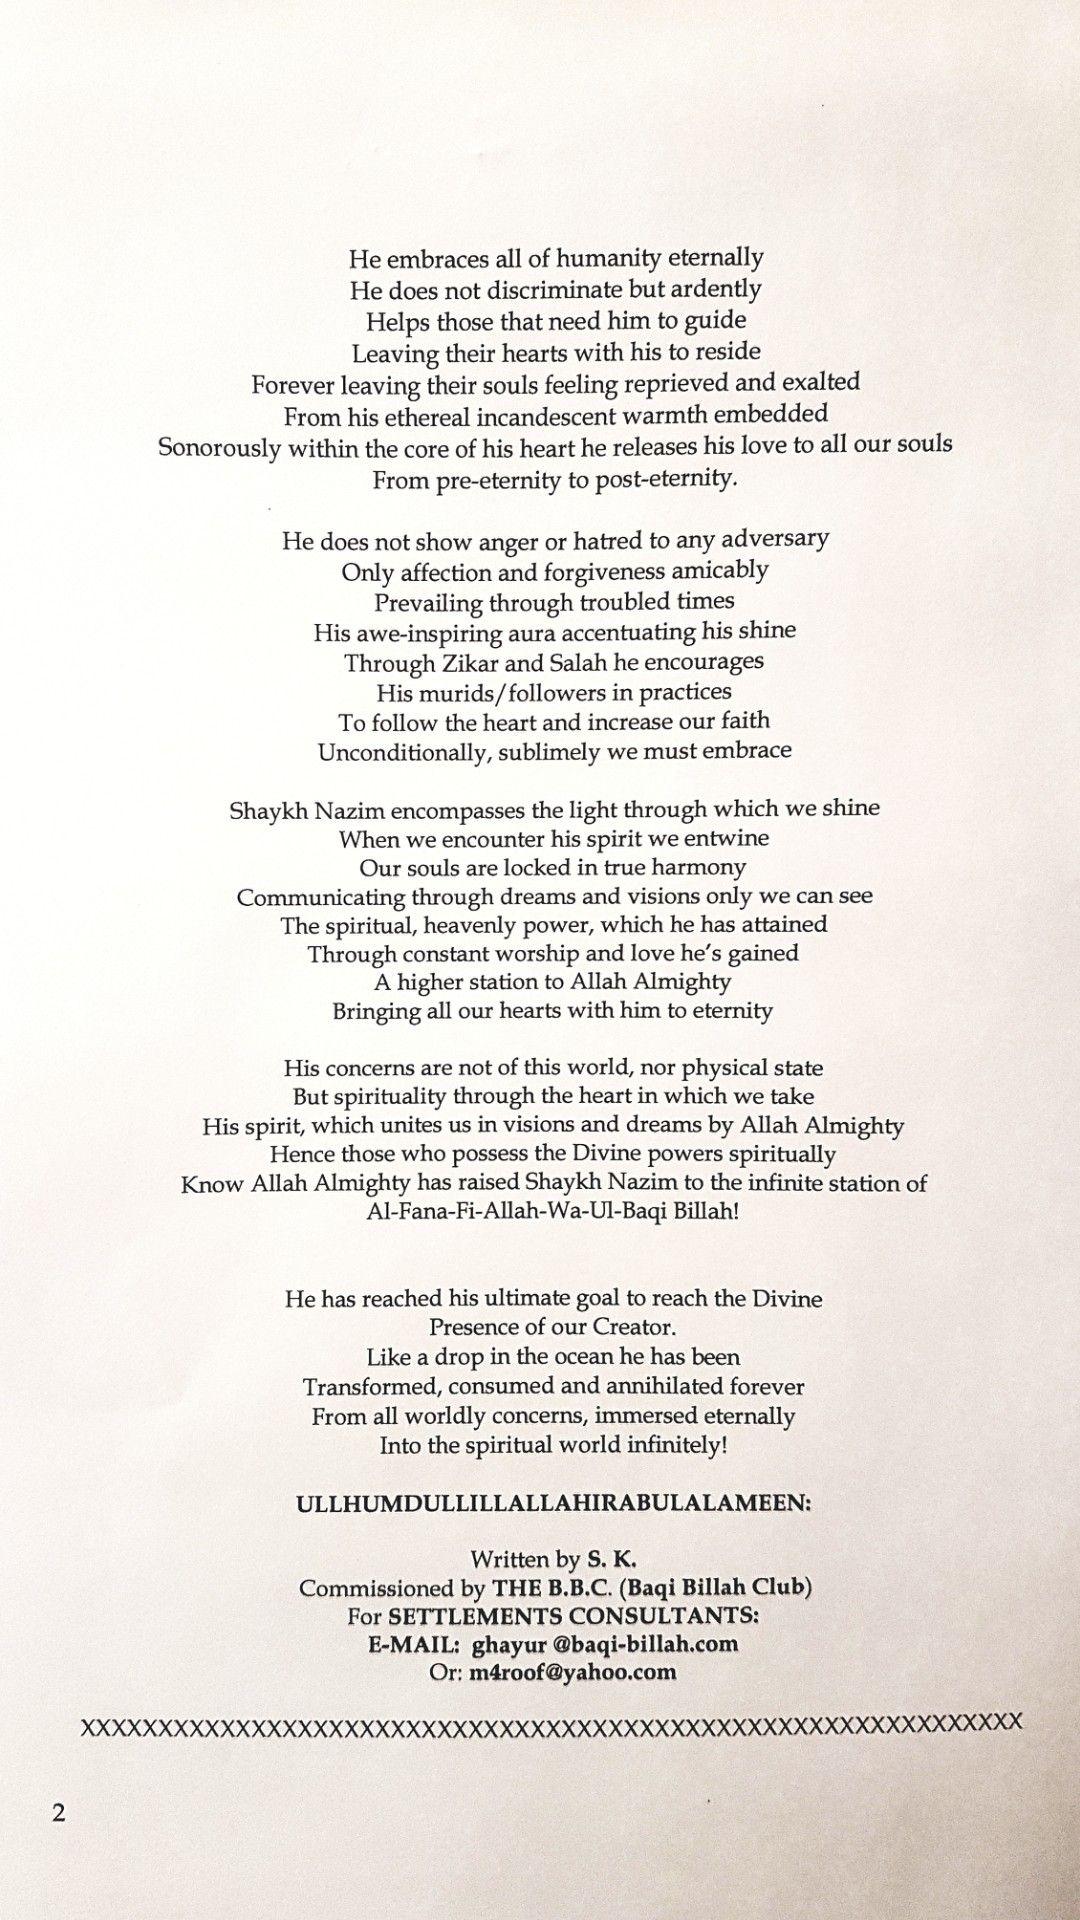 Page 2 of Baqi Billah Maulana Shaykh Nazim Poem | Quotes